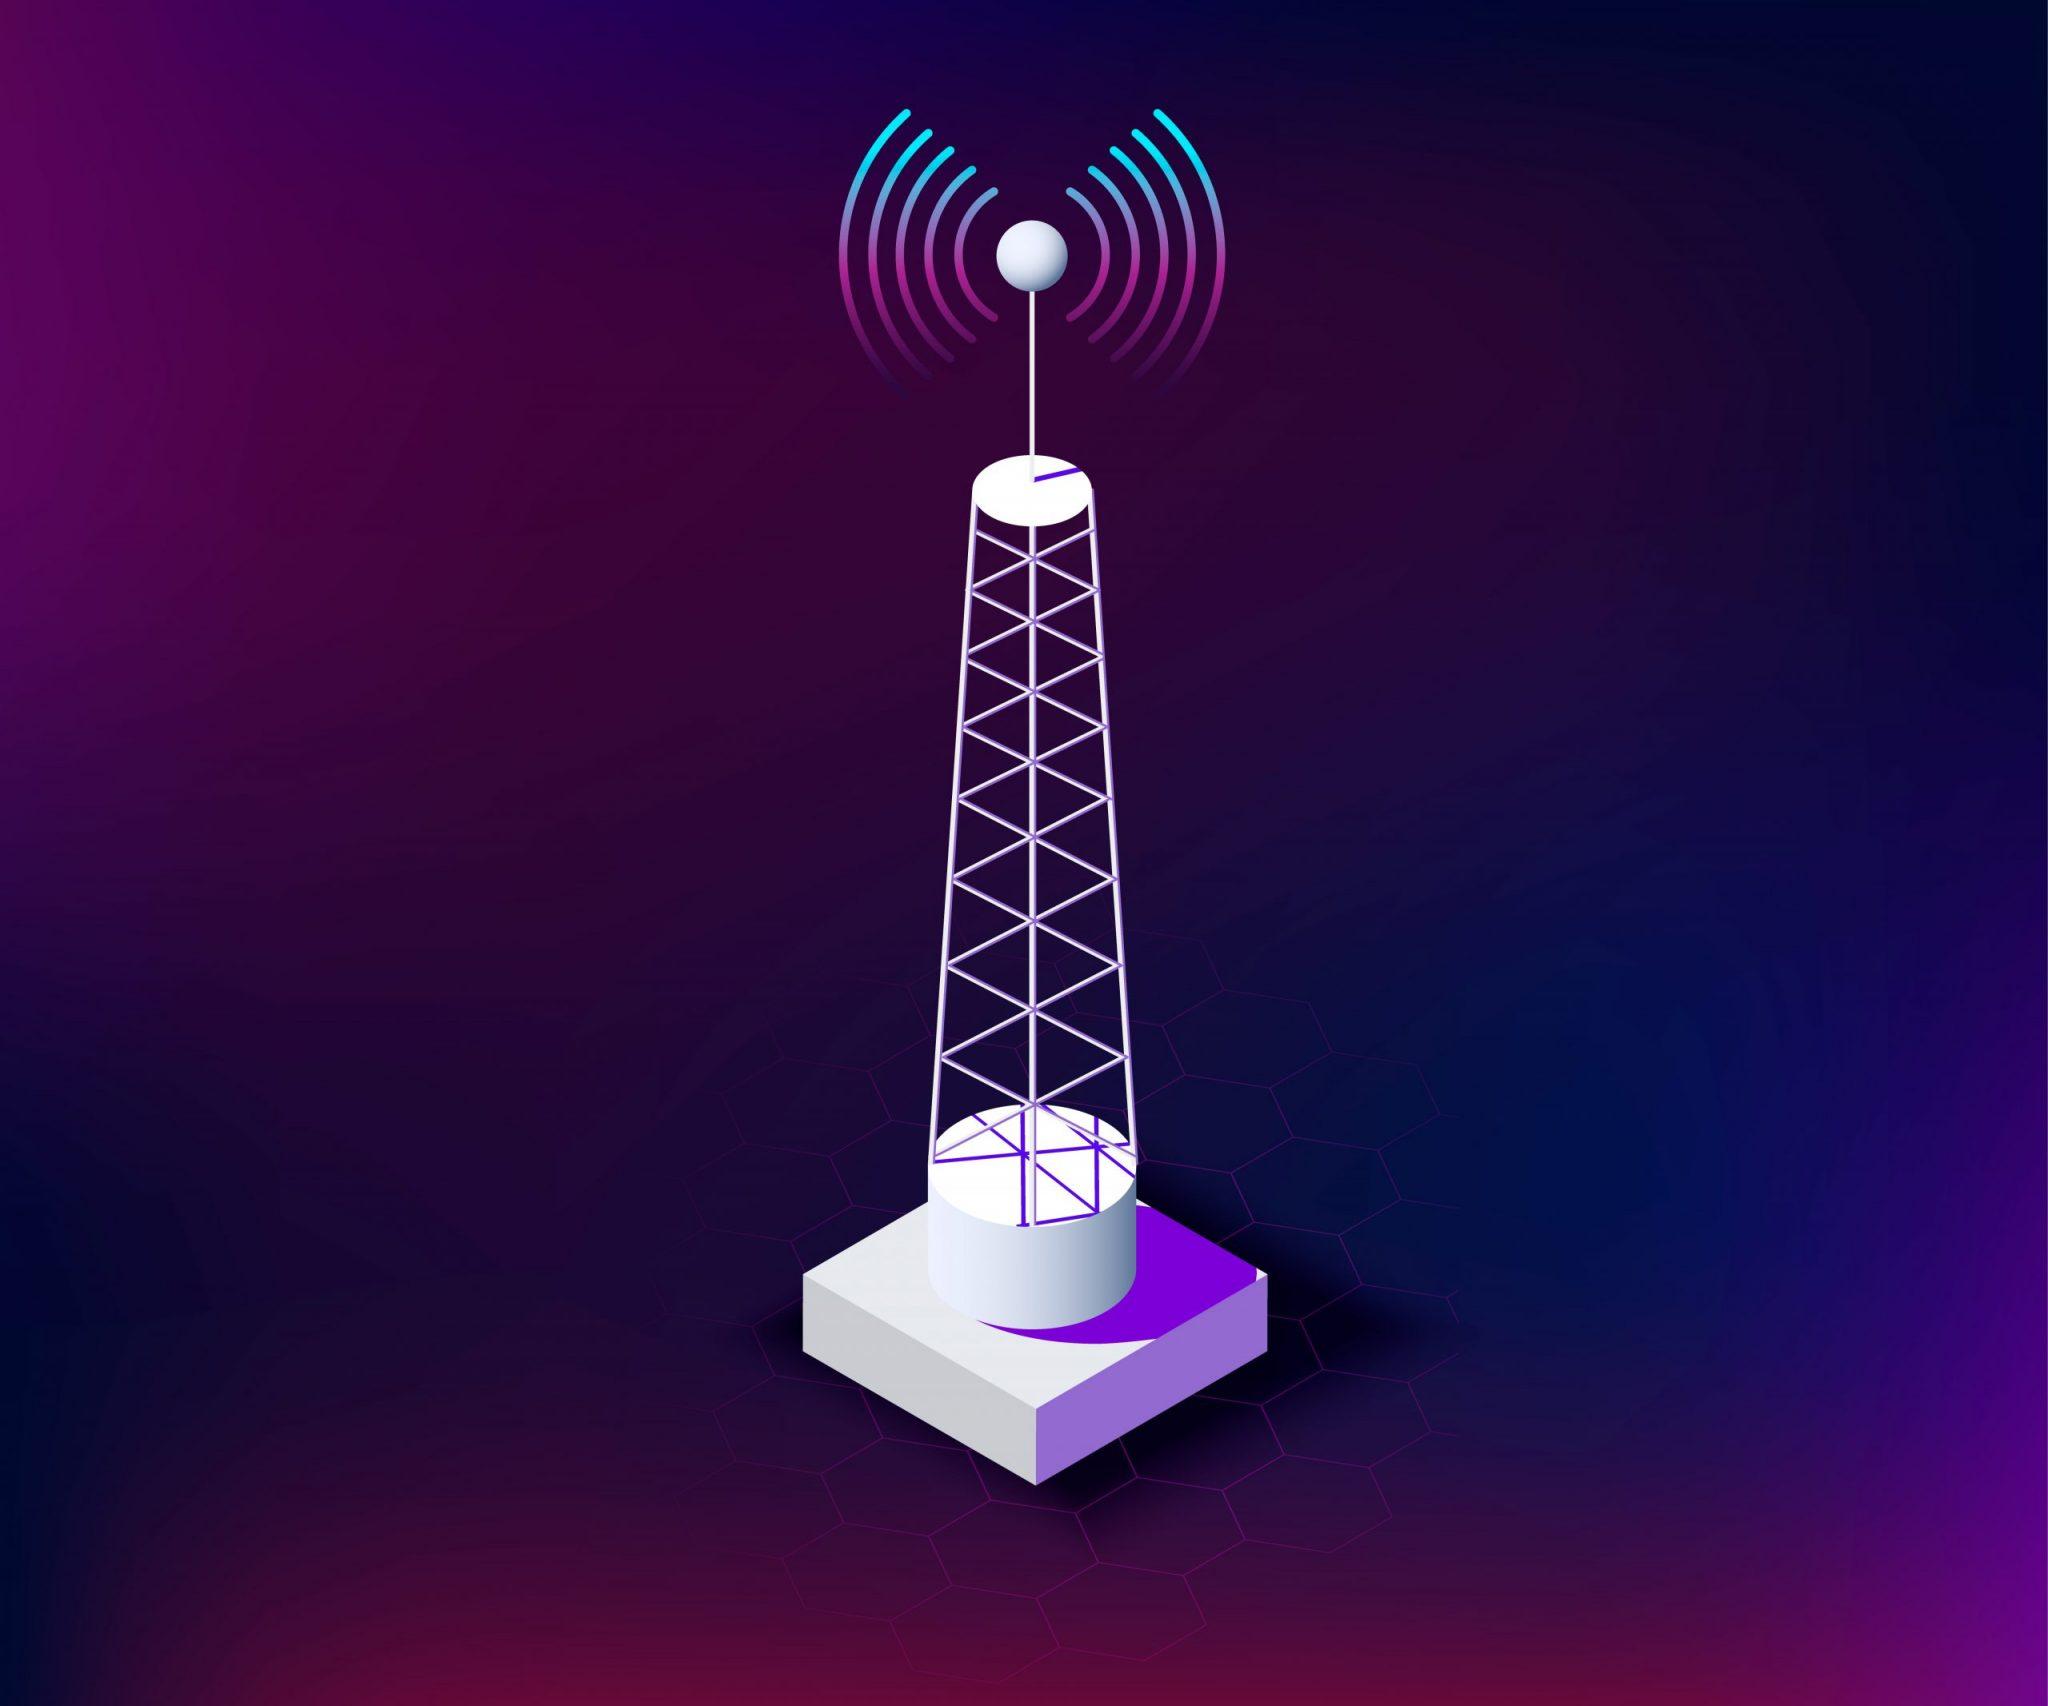 شبکه محلی LAN چیست؟